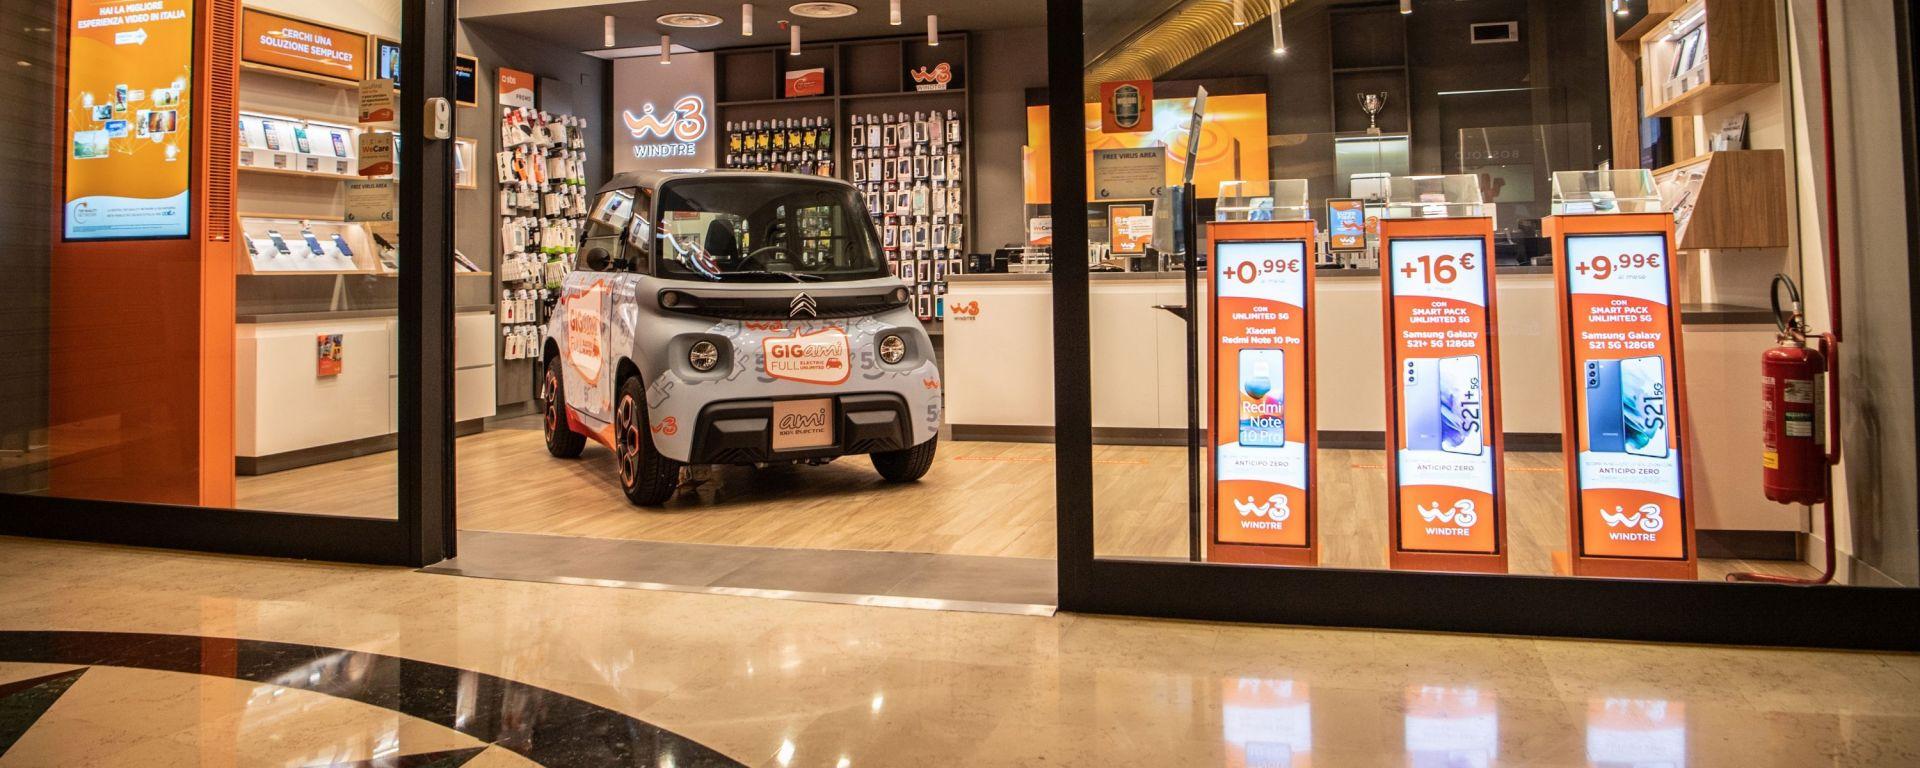 Citroen Ami e Windtre: l'offerta GIGami per i clienti del quadriciclo leggero elettrico